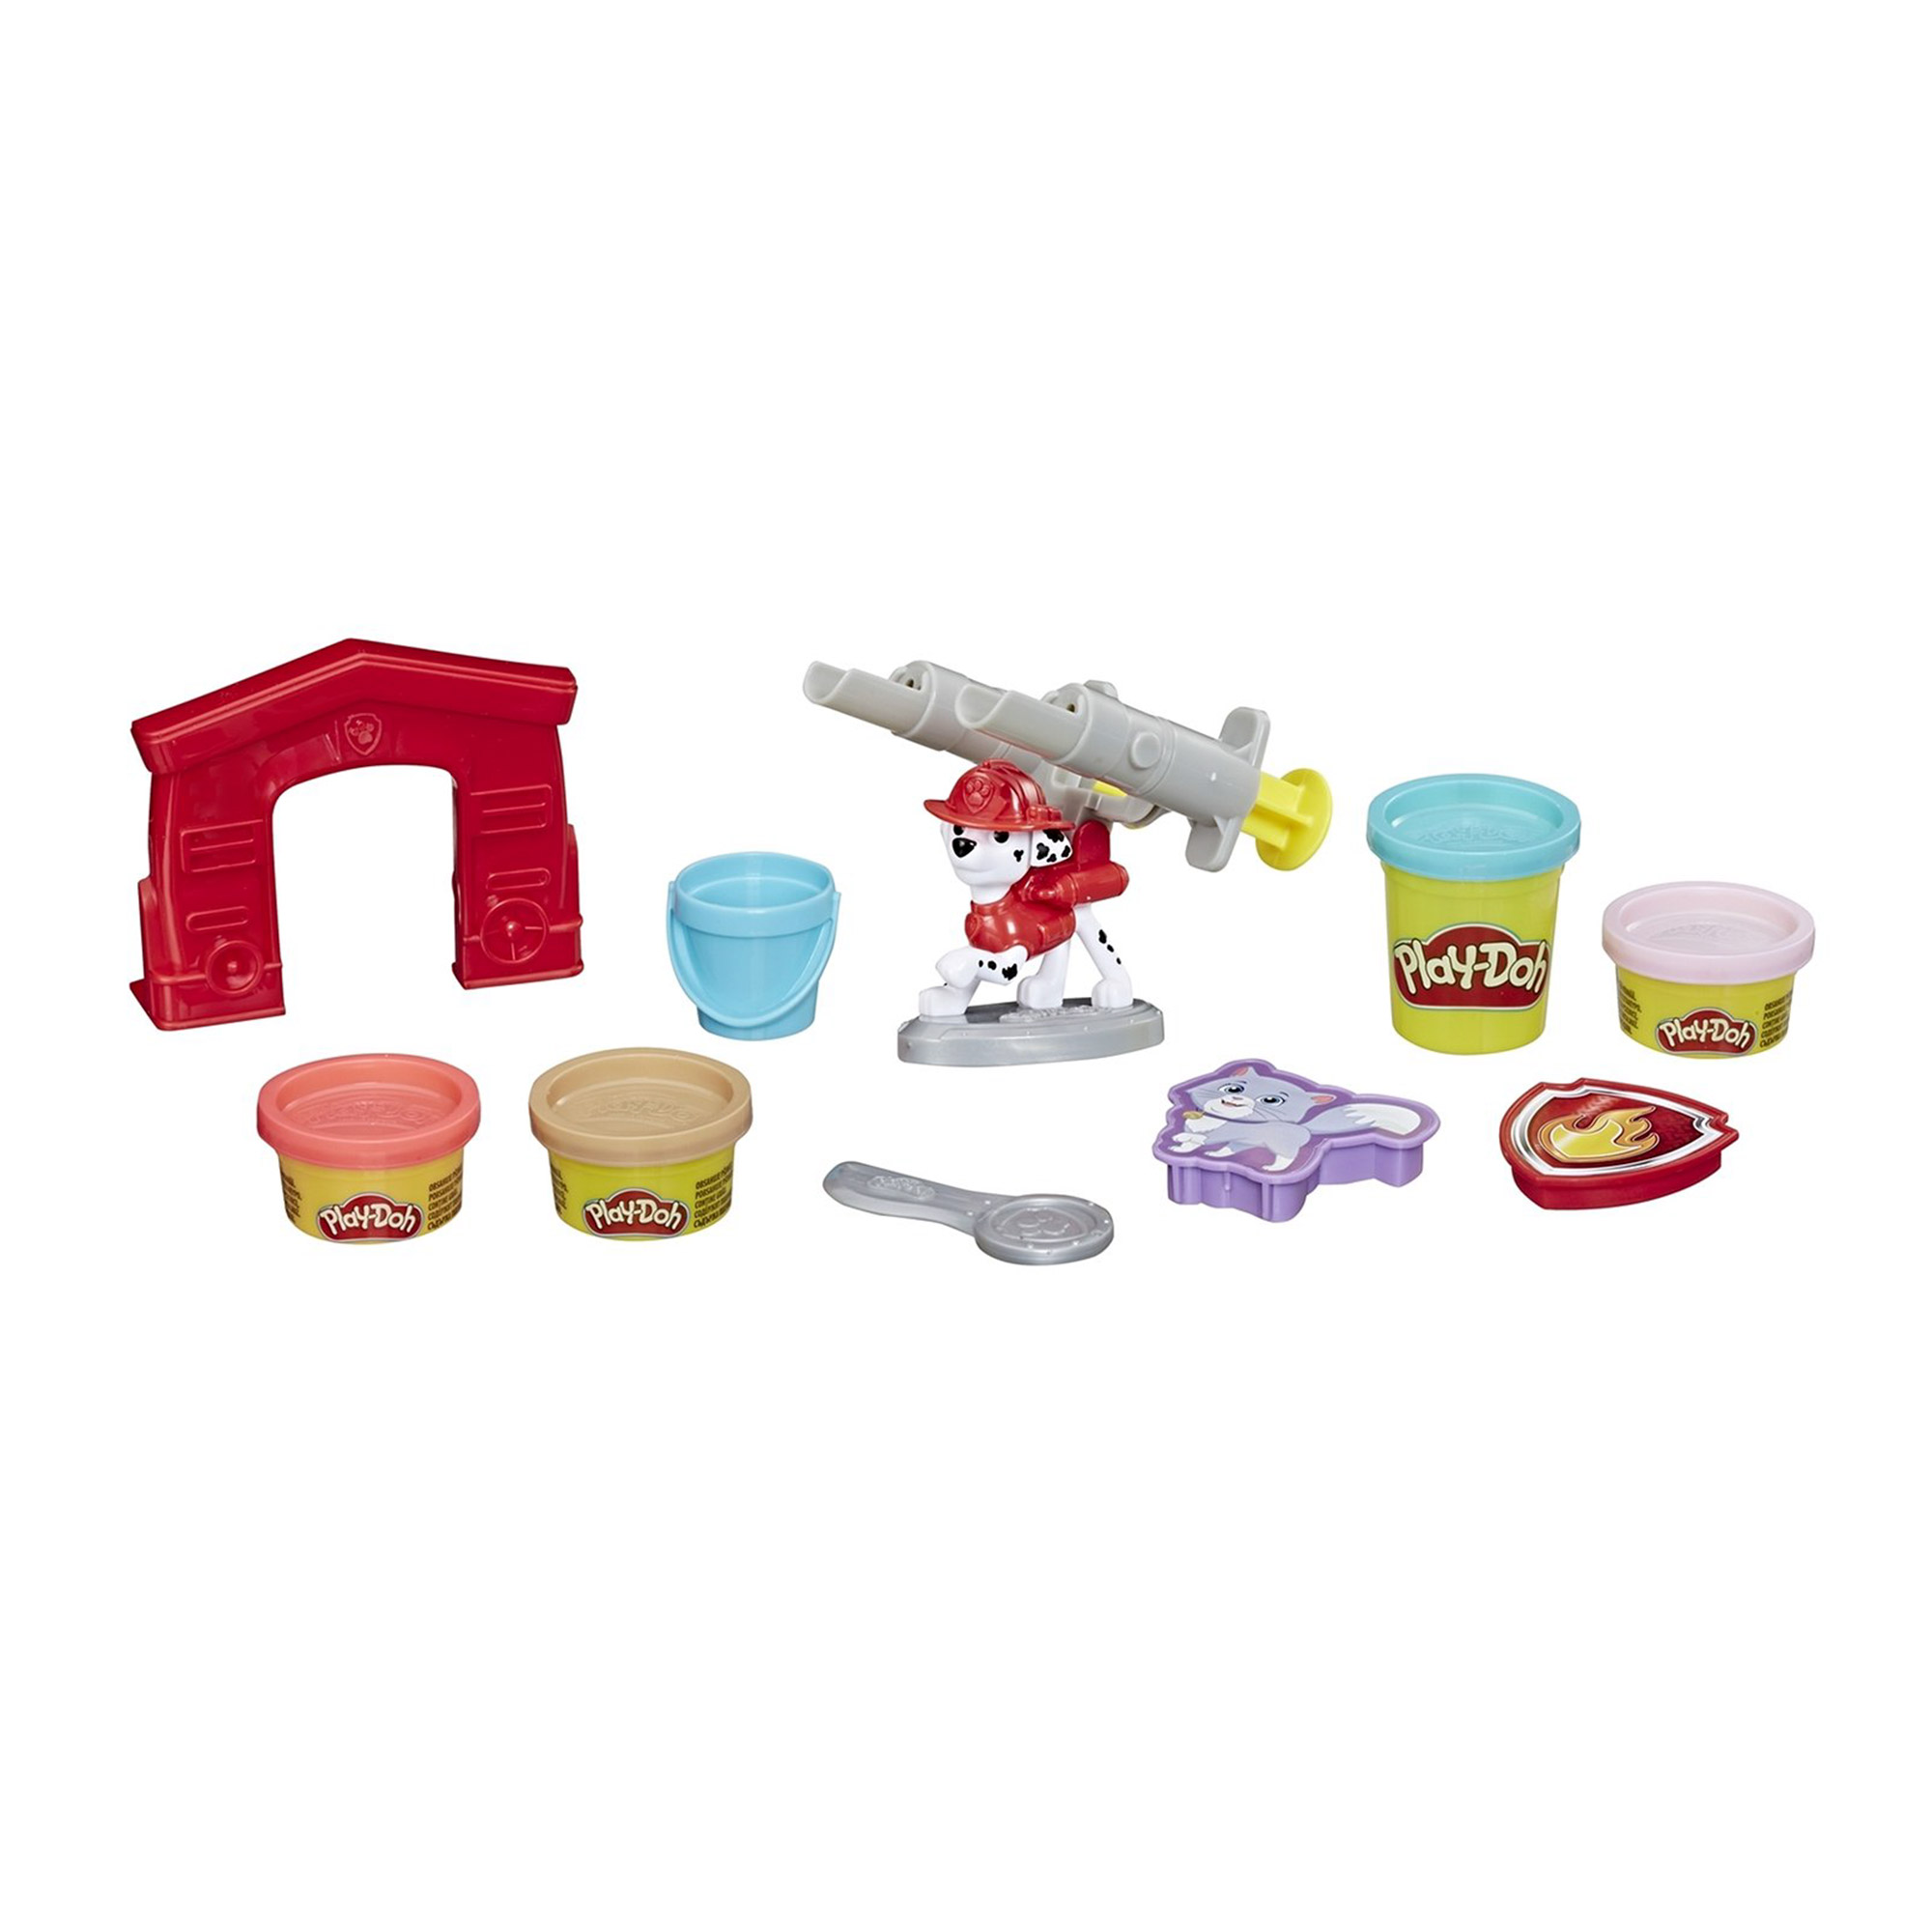 Фото - Набор игровой Play-Doh Щенячий патруль Маршалл игровой набор специальной массы hasbro play doh wheels e4508